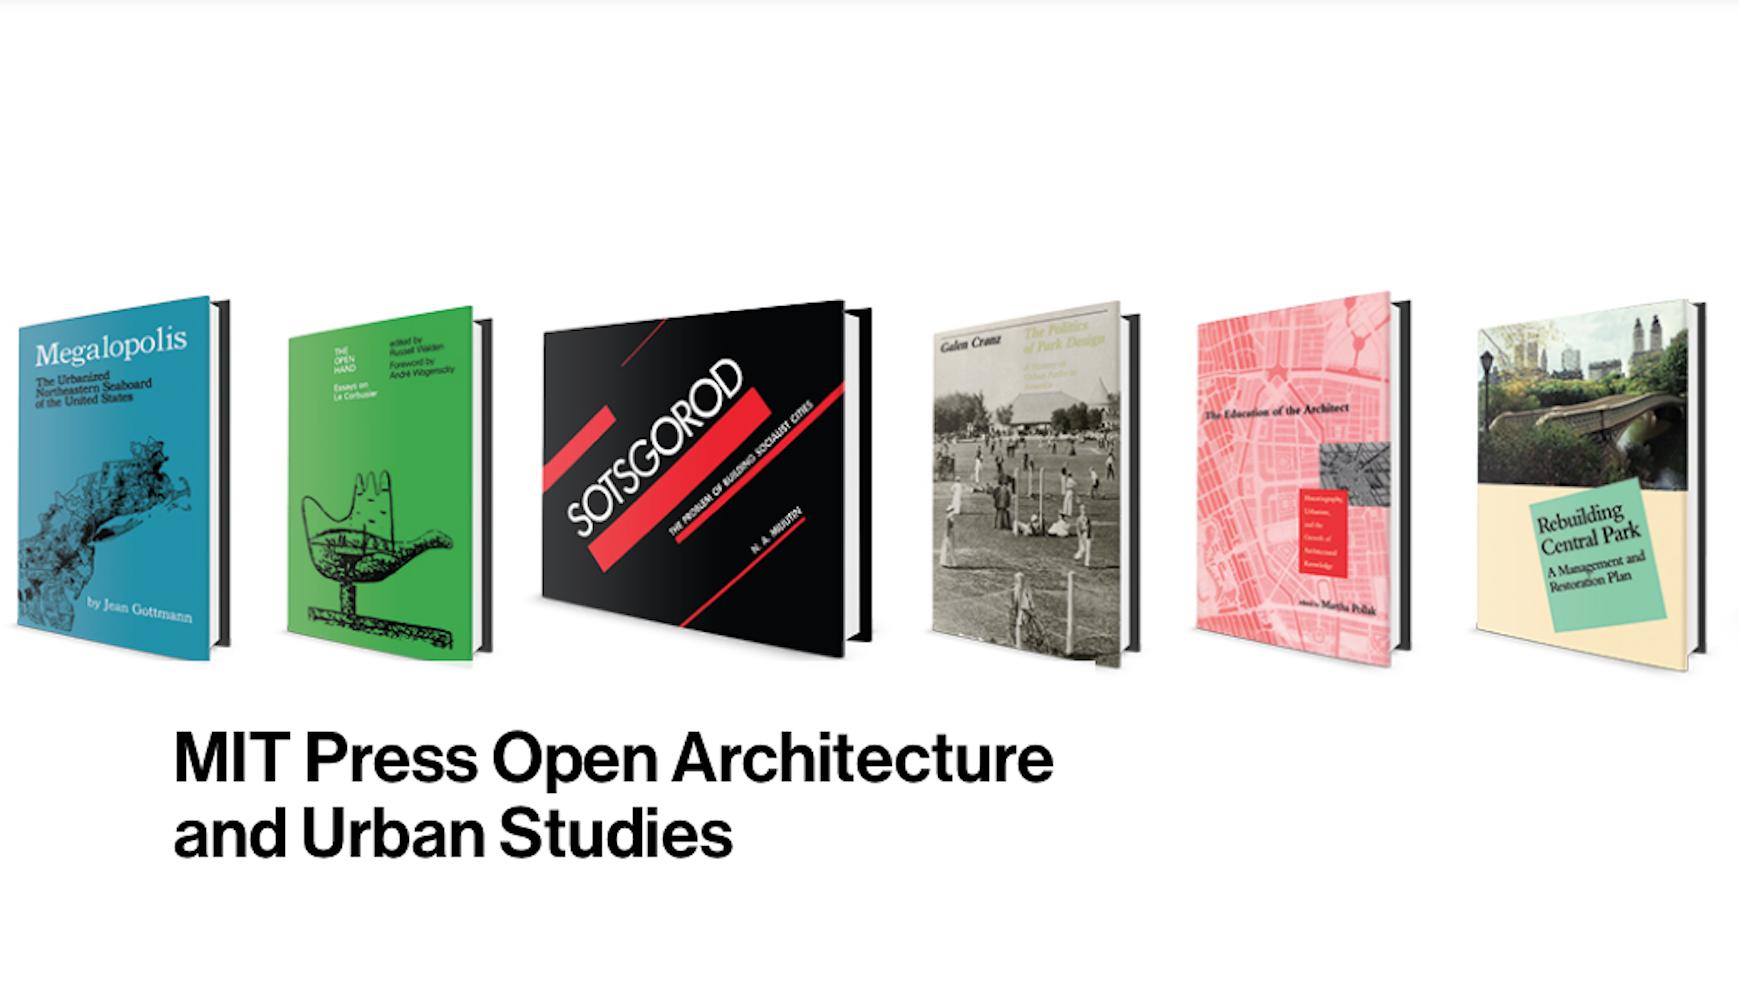 MIT ofrece más de 30 libros de arquitectura y estudios urbanos, totalmente gratis